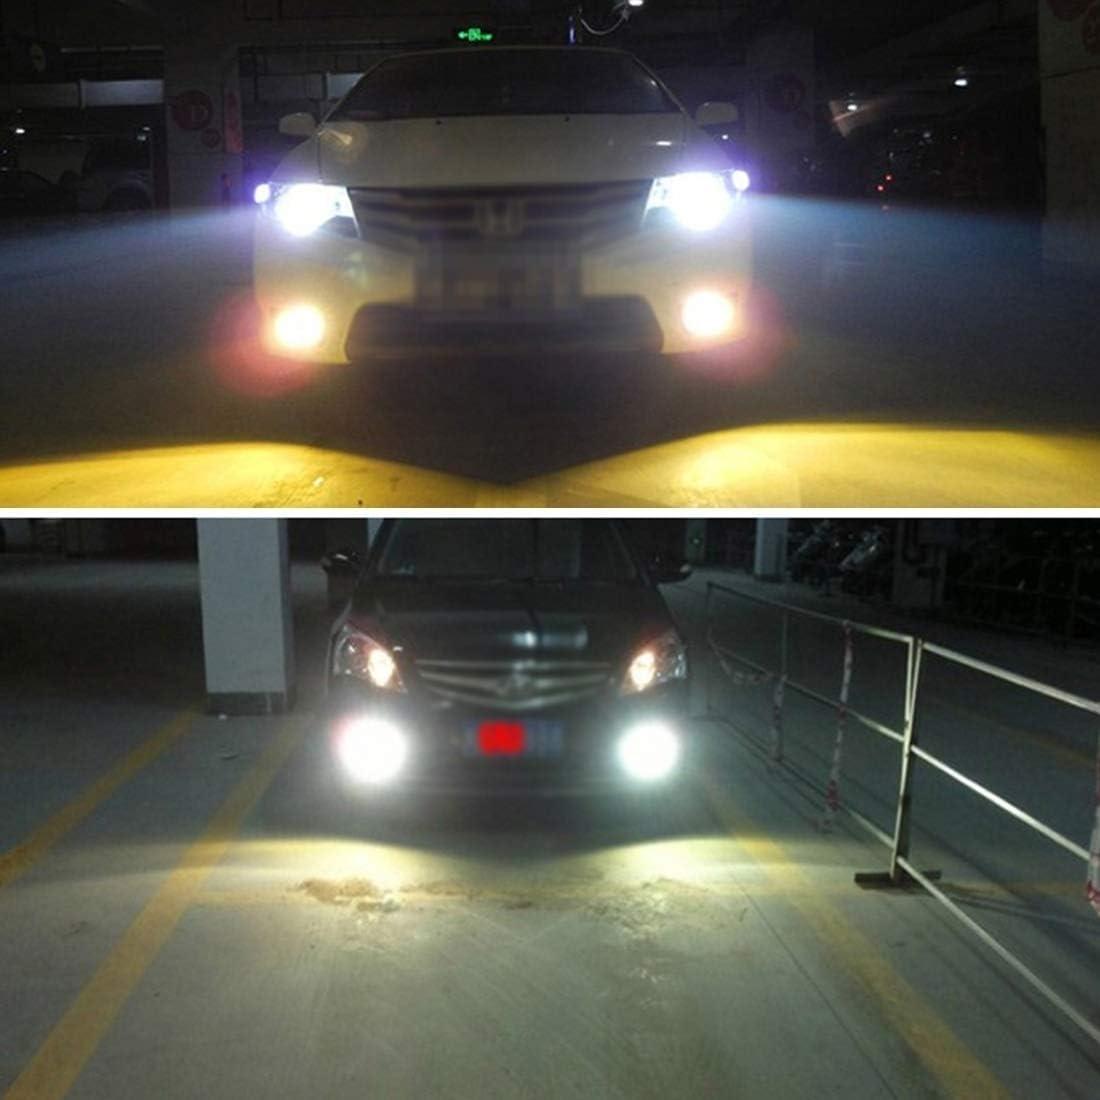 kit de conversion de lampe au x/énon Kit de conversion de lampe au x/énon 2 PCS 9012 55W 5500K HID Ampoules Phares au x/énon Lampes AC 12V